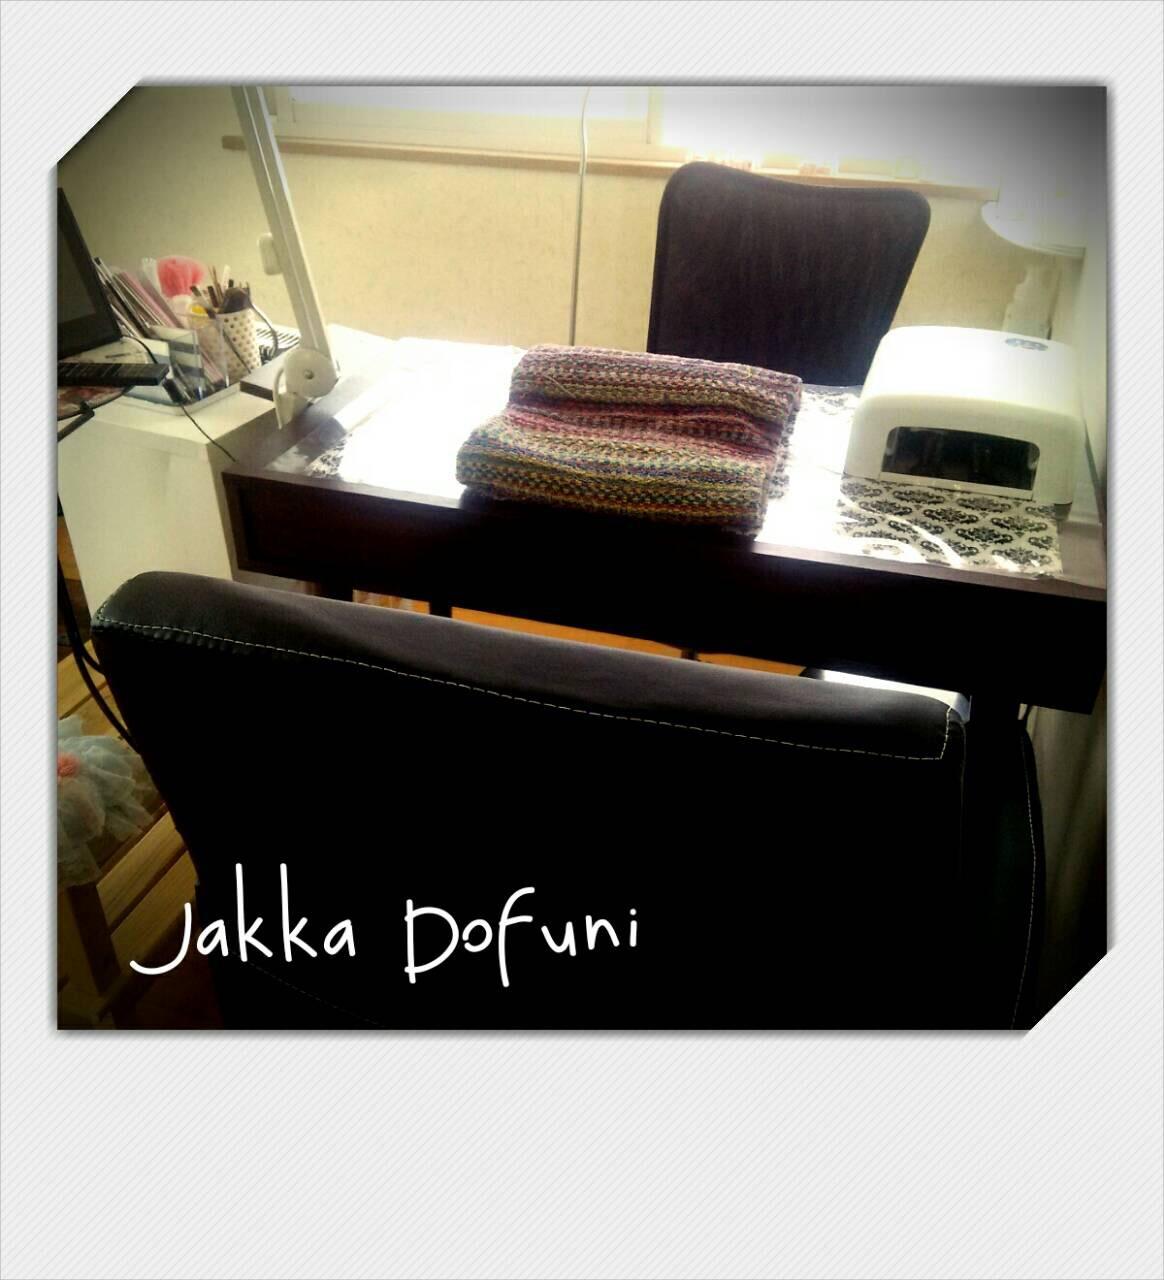 ネイル&リラクゼーション JAKKA DOFUNI~ジャッカ ドフニ~